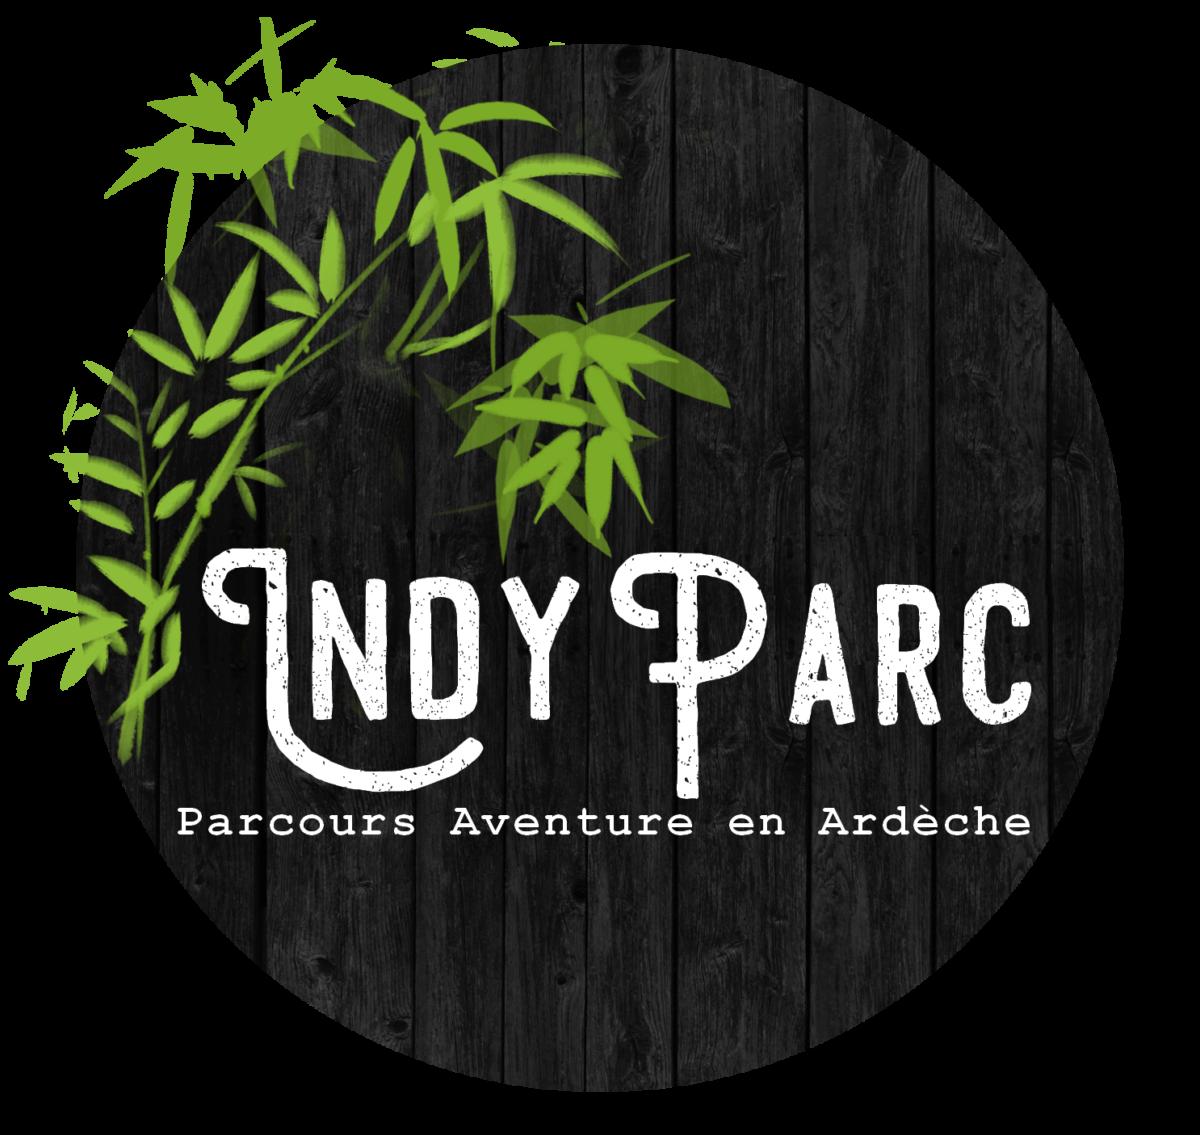 Indy Parc